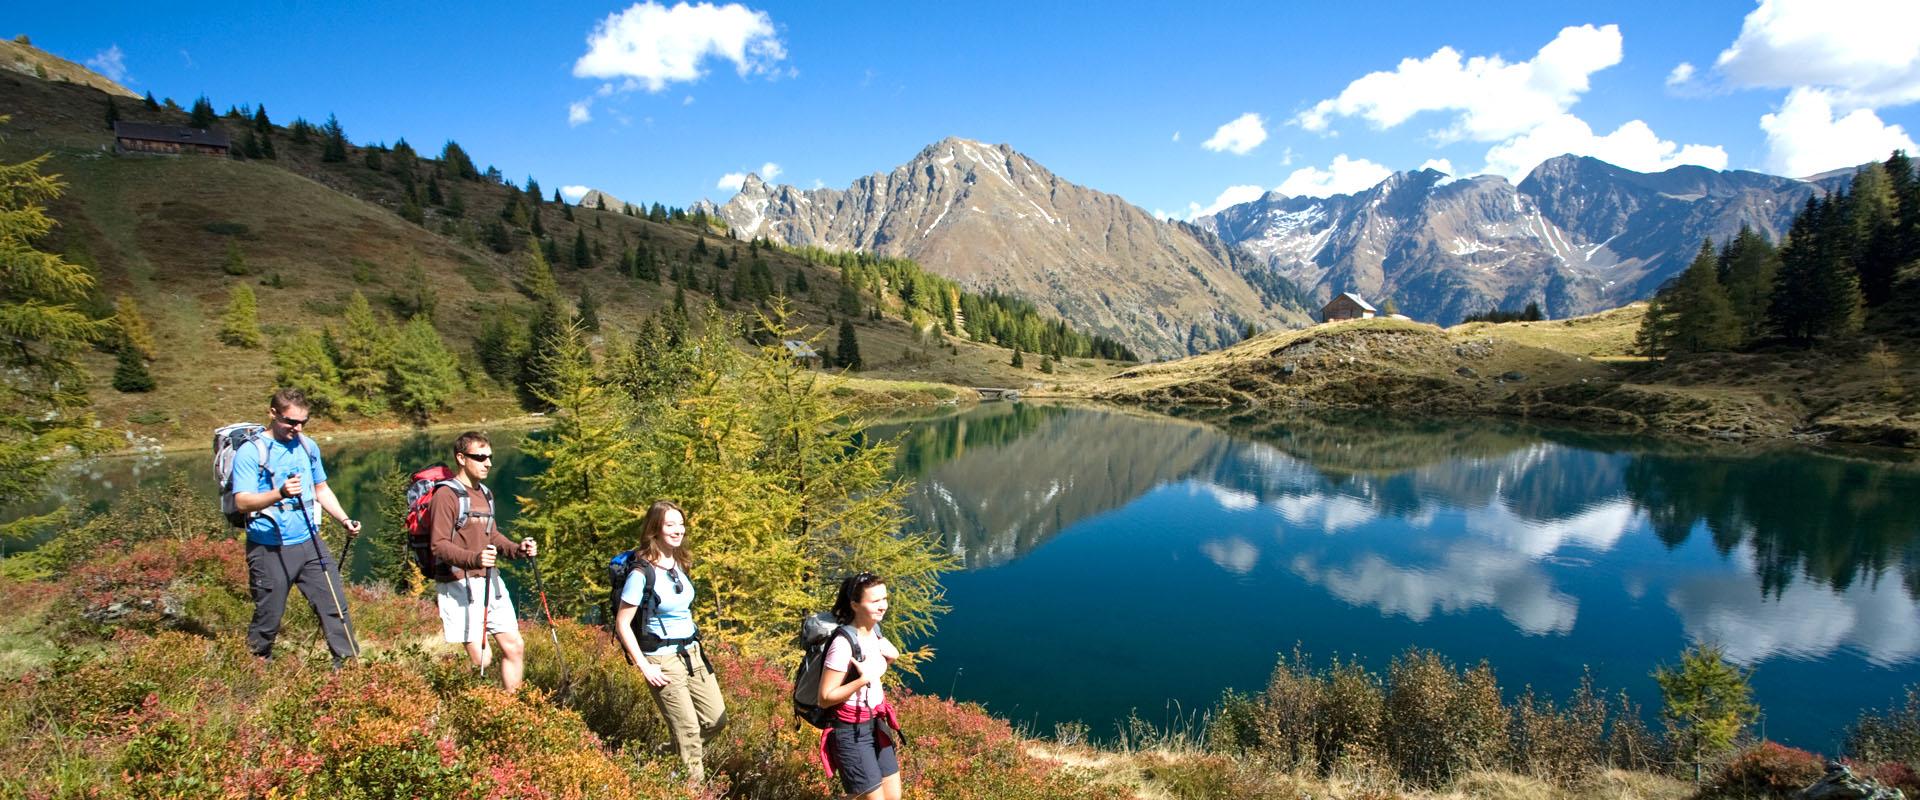 Sommerurlaub Wandern Lungau